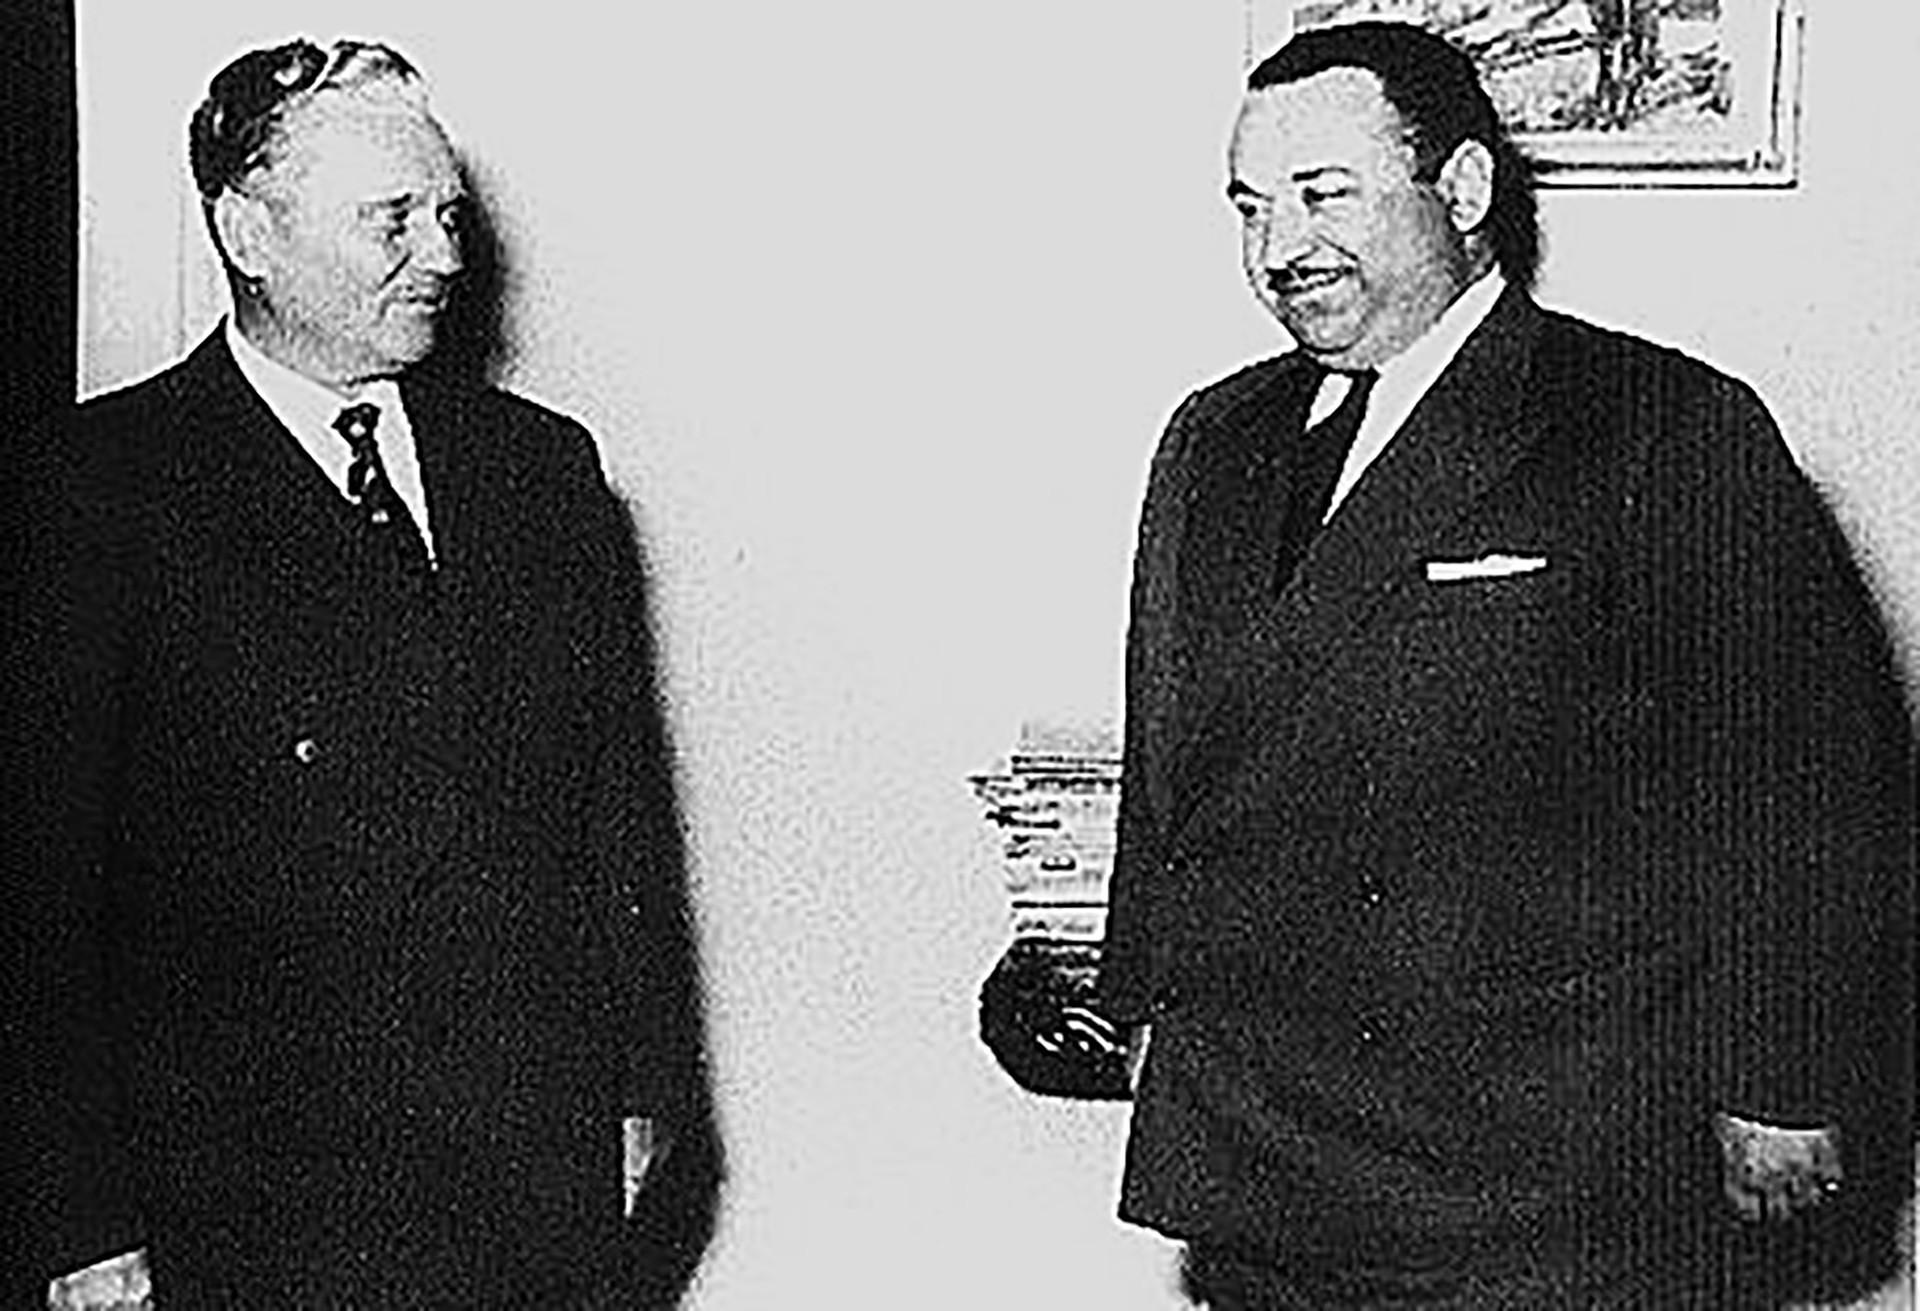 Iósif Grigulévich (durante su servicio como embajador de Costa Rica en Yugoslavia e Italia) y Josip Broz Tito ( jefe de Estado de Yugoslavia).